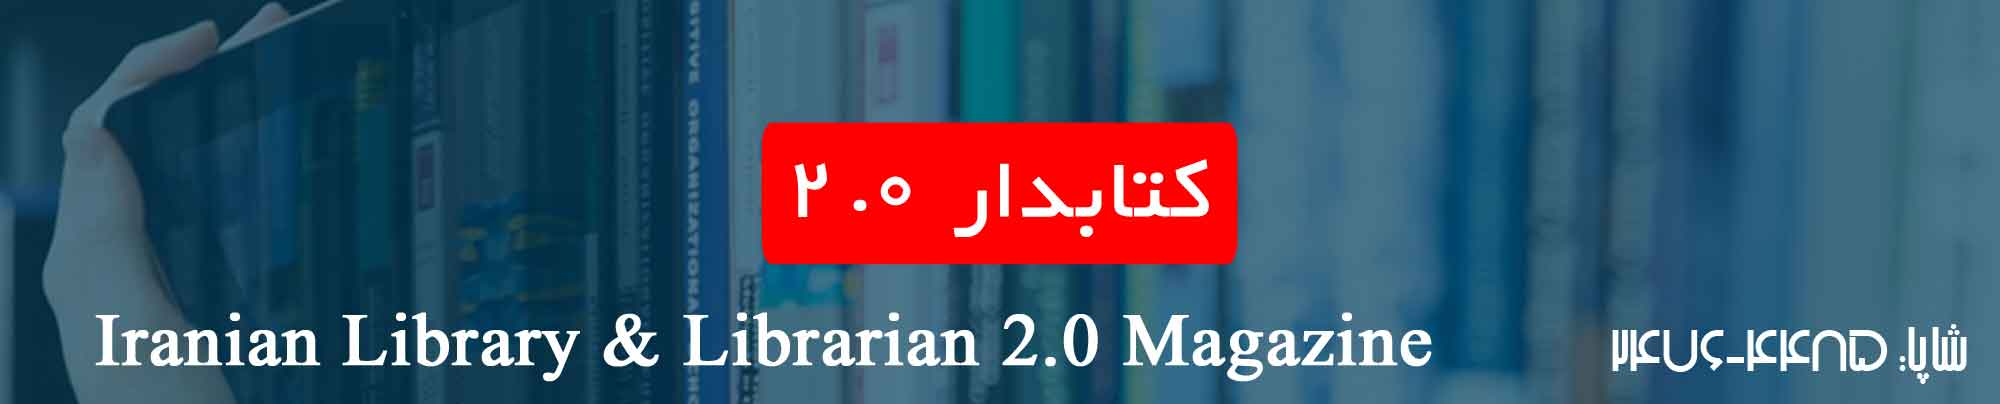 کتابدار 2.0